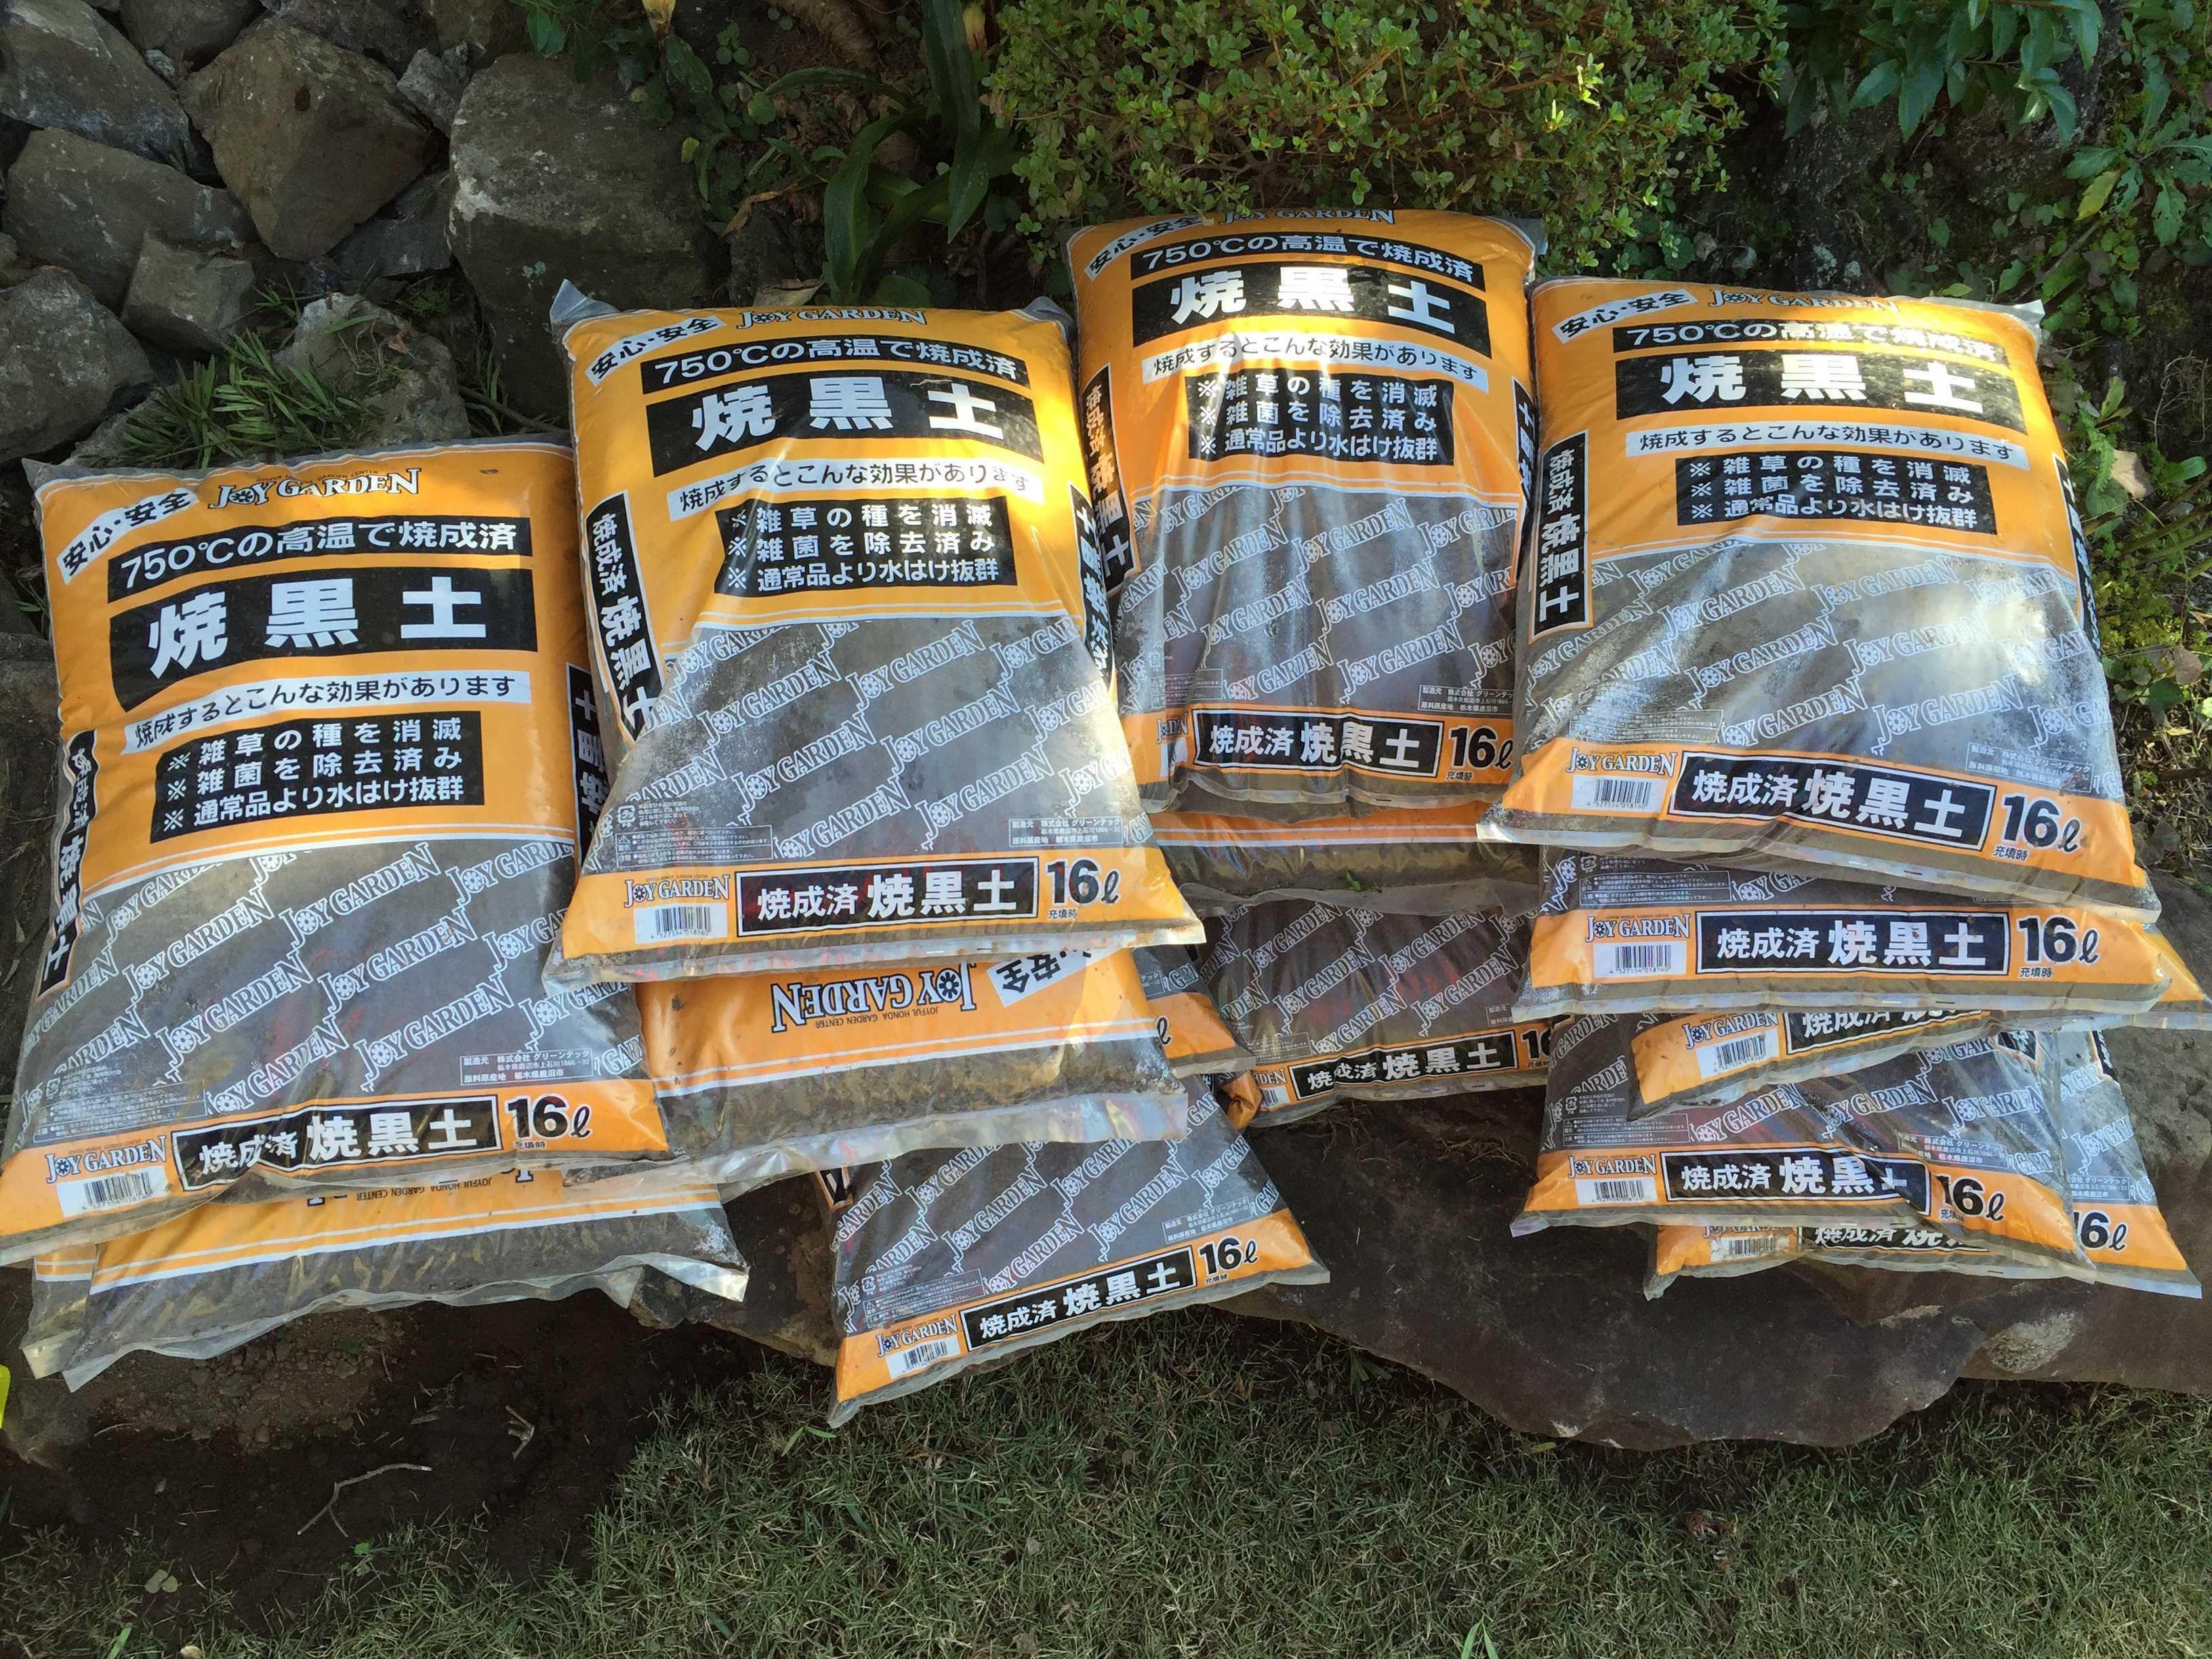 やまゆりの球根植え付け - 焼成済み焼黒土